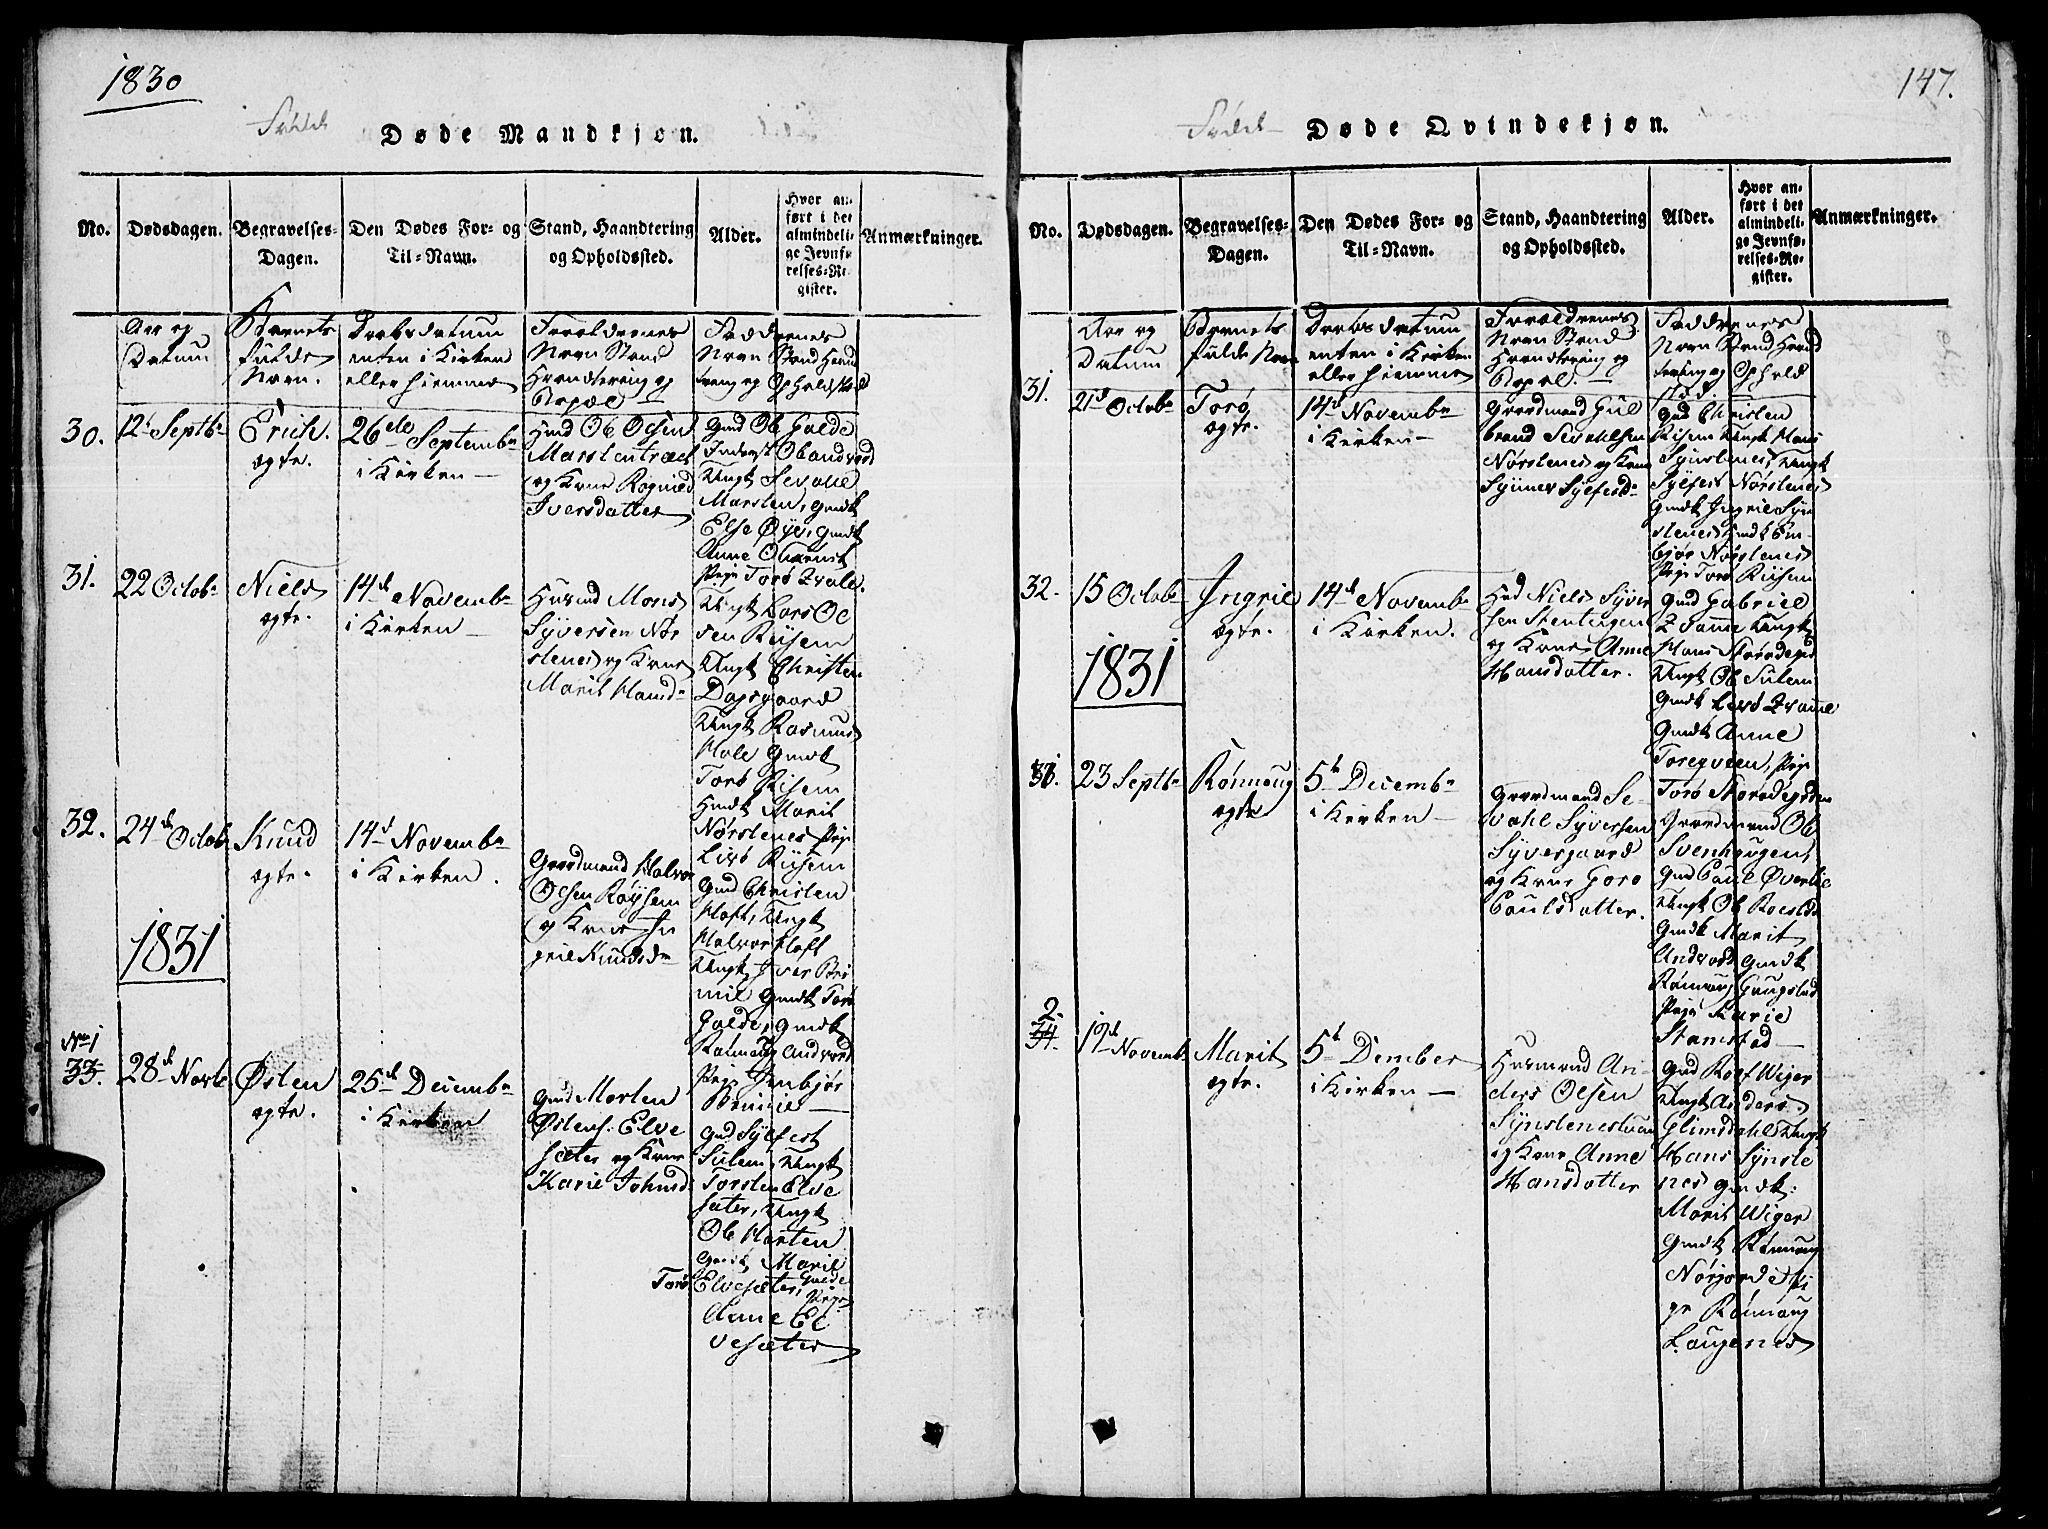 SAH, Lom prestekontor, L/L0001: Klokkerbok nr. 1, 1815-1836, s. 147